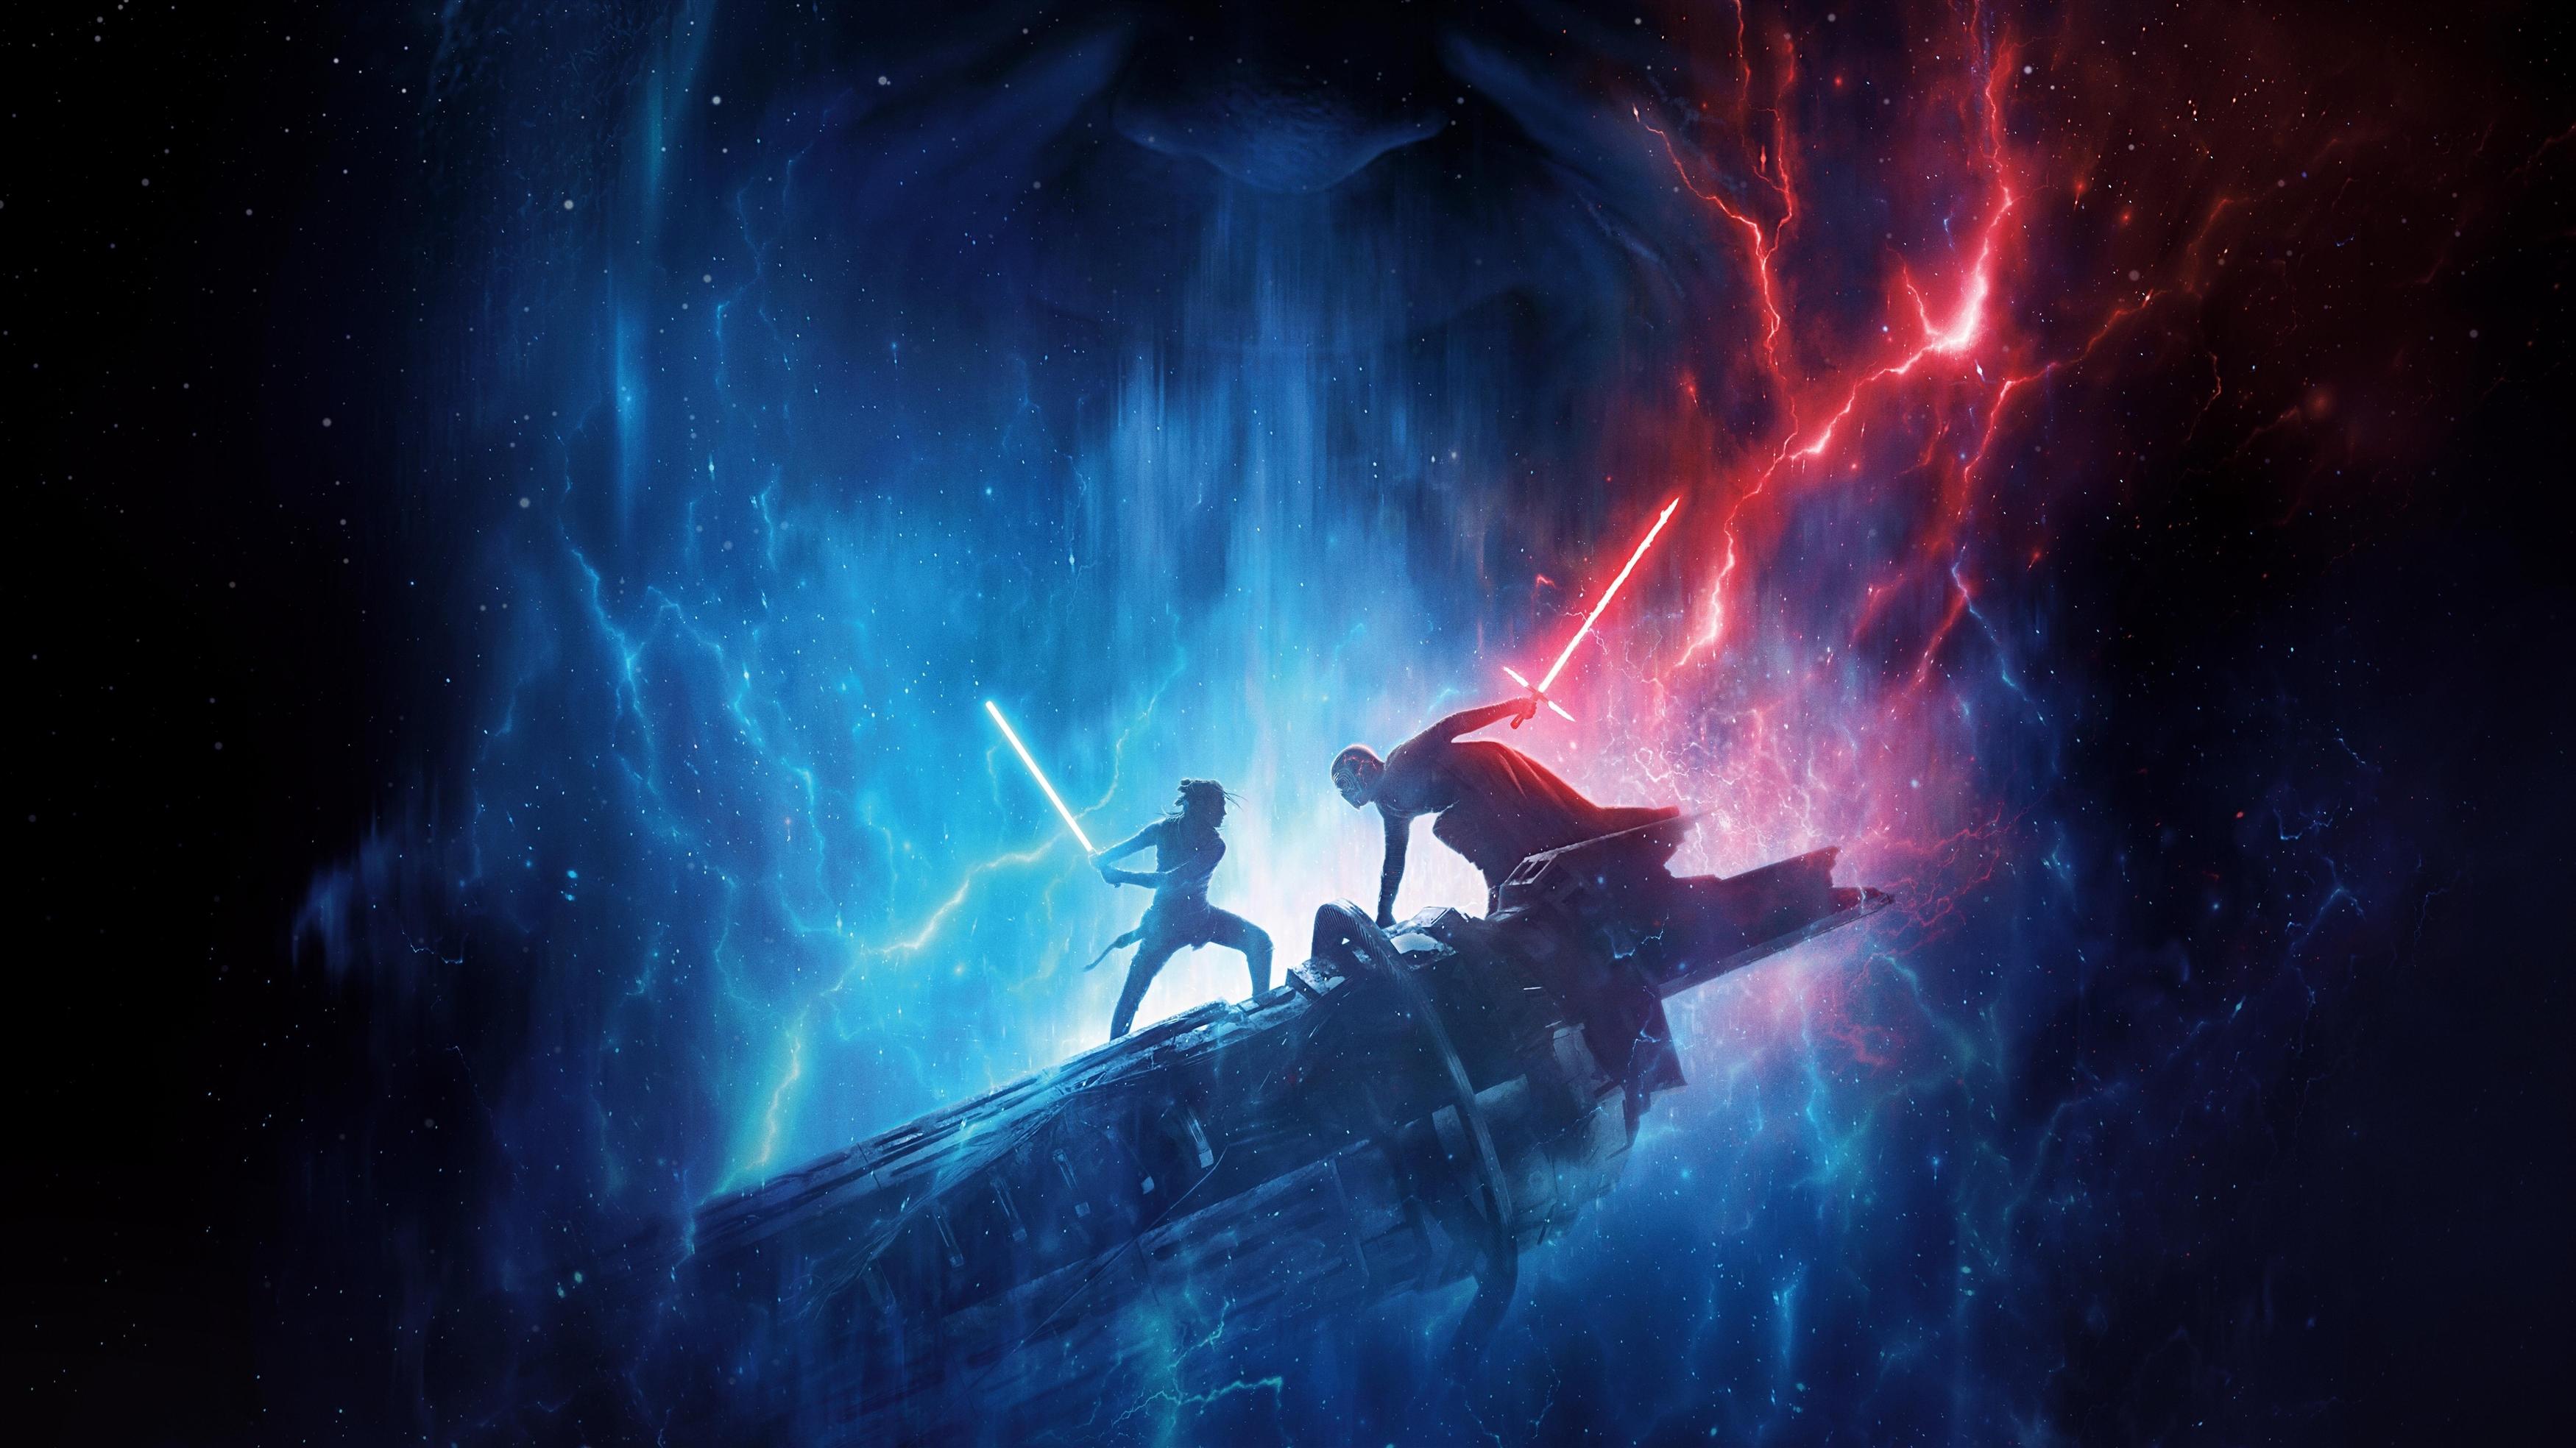 Звездные войны The rise of skywalker 2019 обои скачать